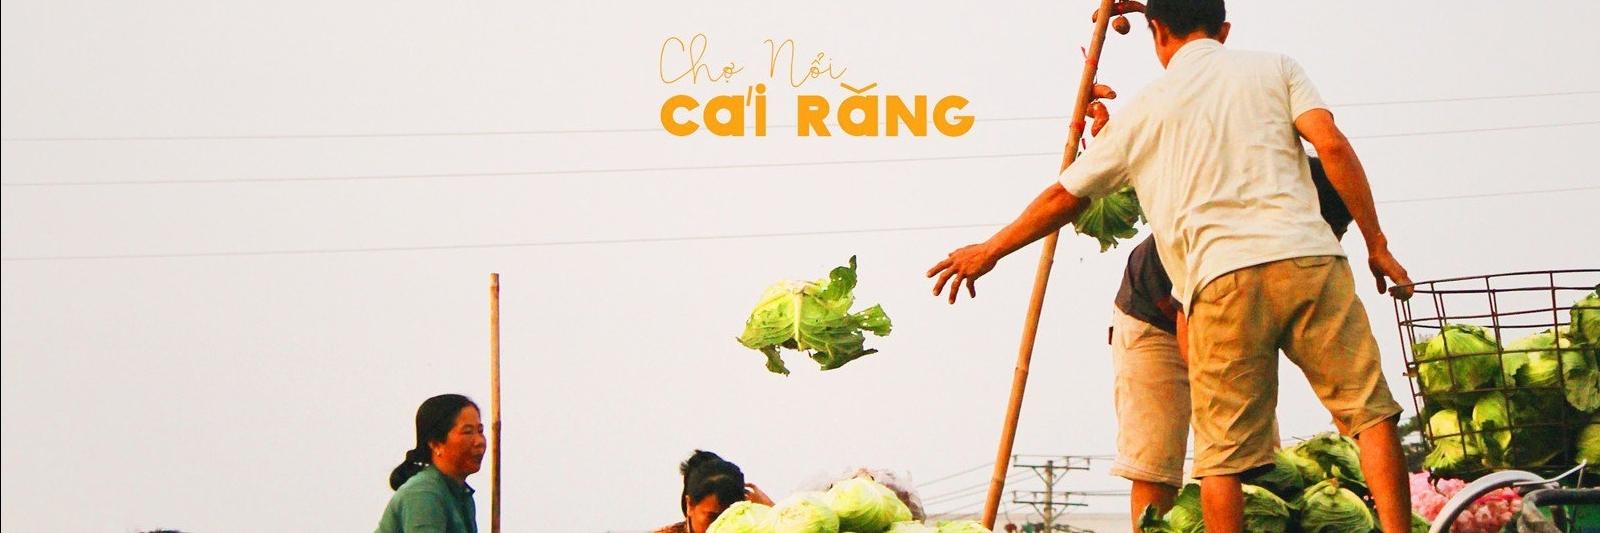 https://gody.vn/blog/vanloc7437/post/co-gi-hot-trong-khu-cho-noi-cai-rang-nuc-tieng-mien-tay-song-nuoc-5036